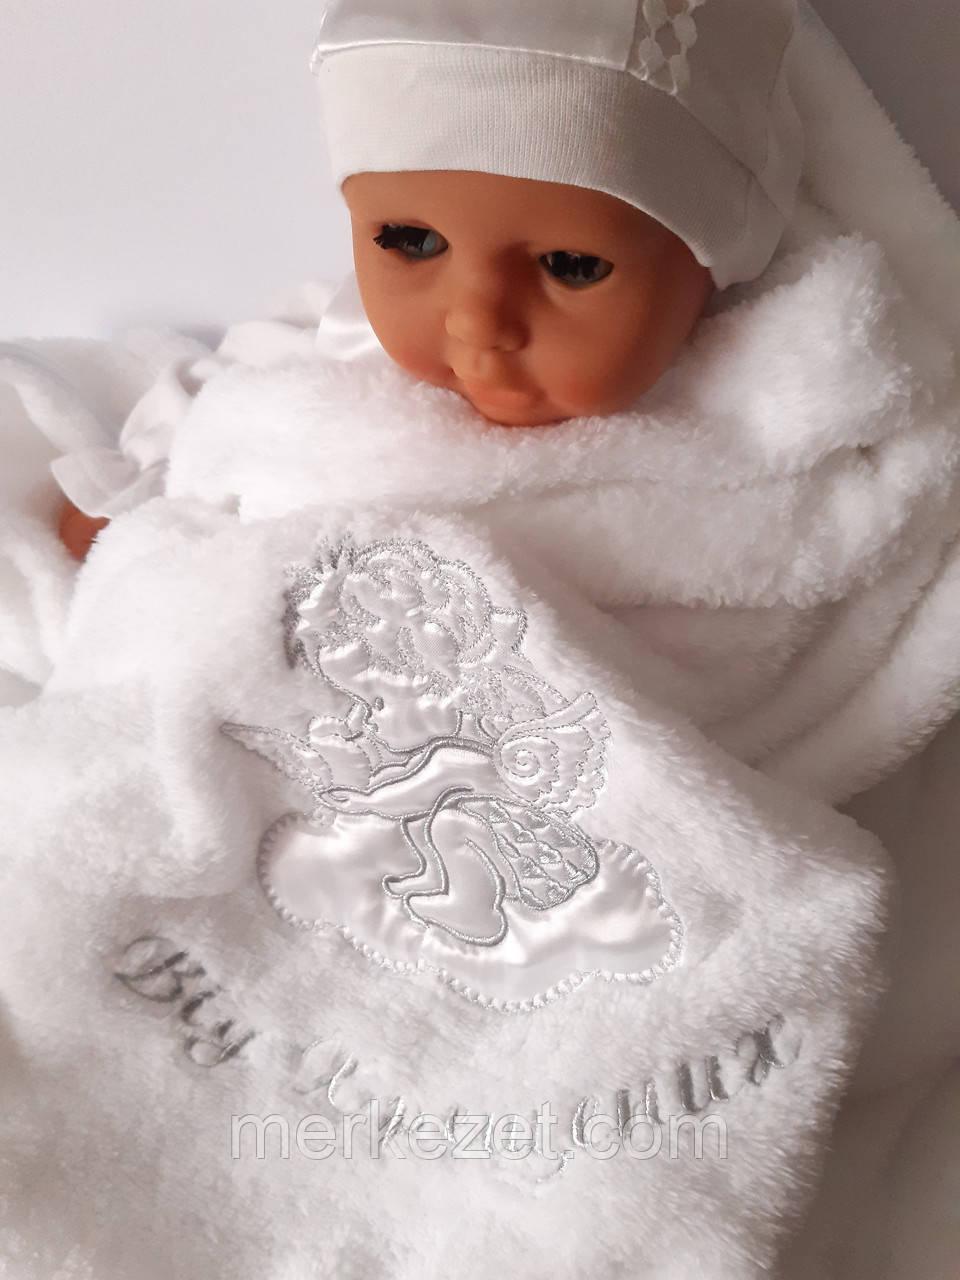 Махровий рушник для хрещення. Крижмо «Прекрасний янгол». Хрещення дитини, крижма